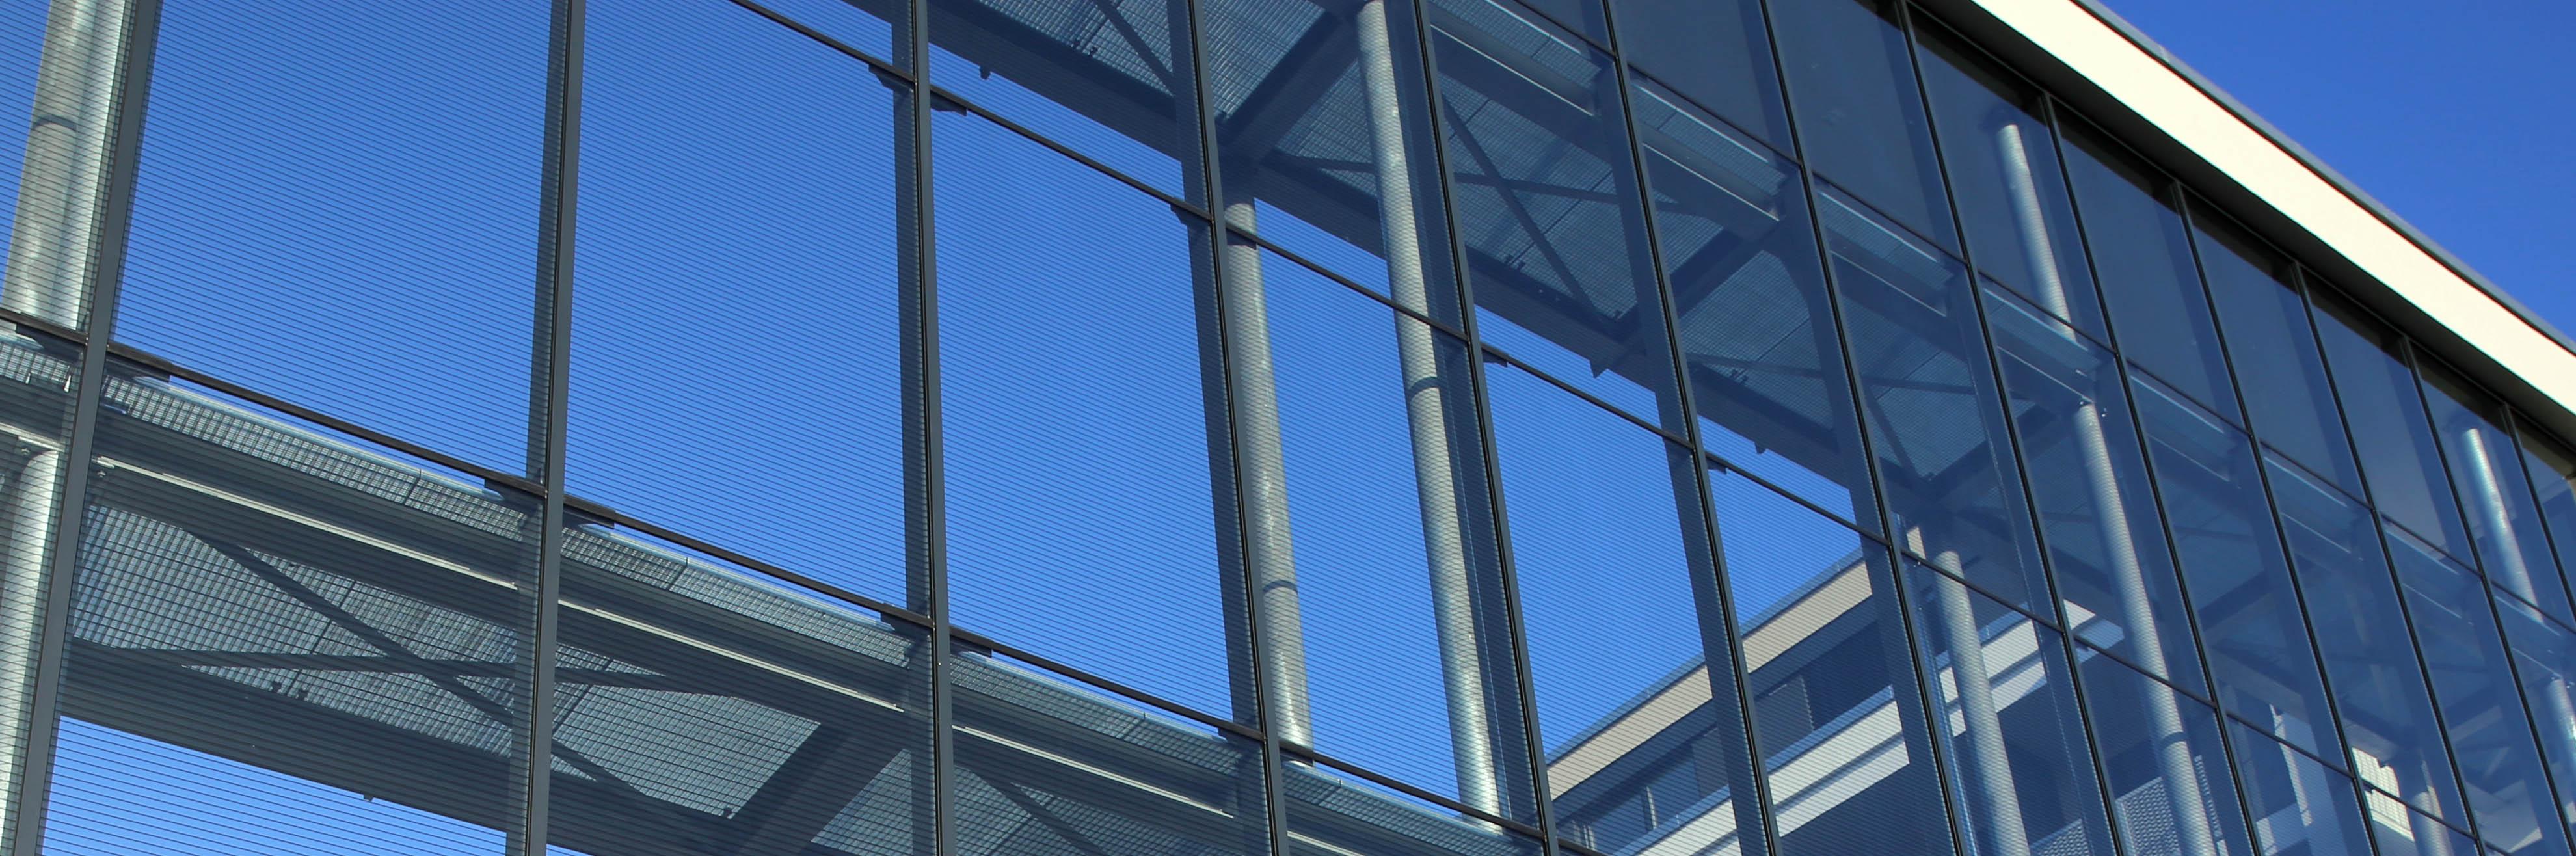 Schallschutzwand Mainz Glasfassade-3840-header